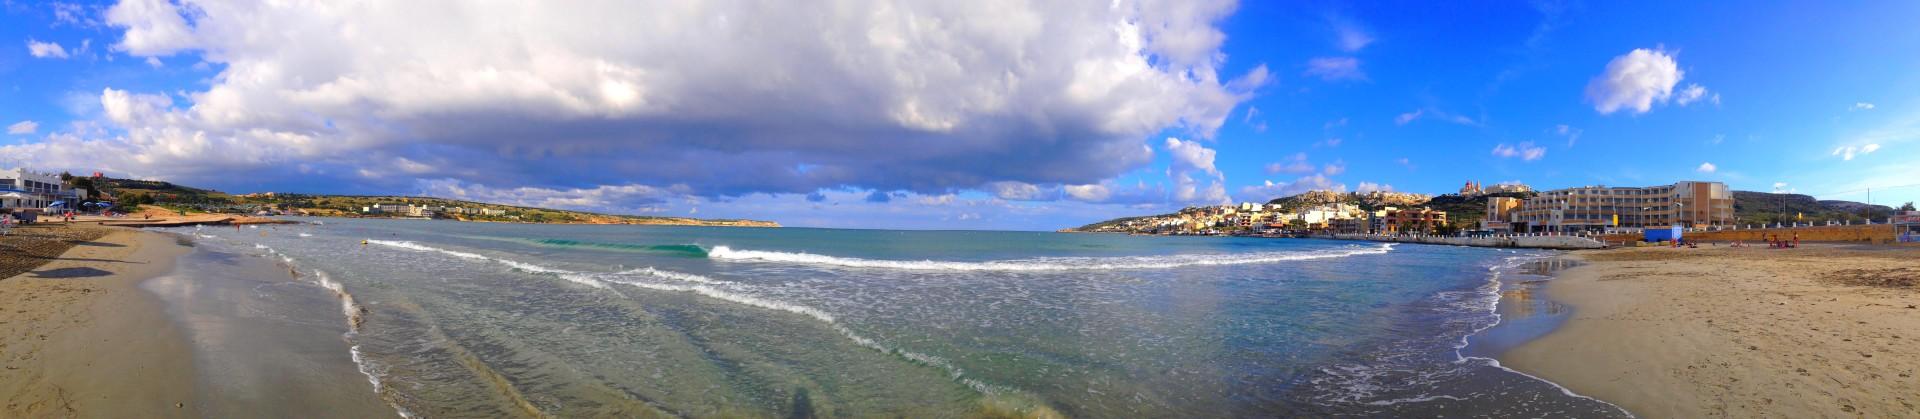 Zee bij Mellieha Bay/Ghadira Bay met stadje op de achtergrond, Mellieha, Malta